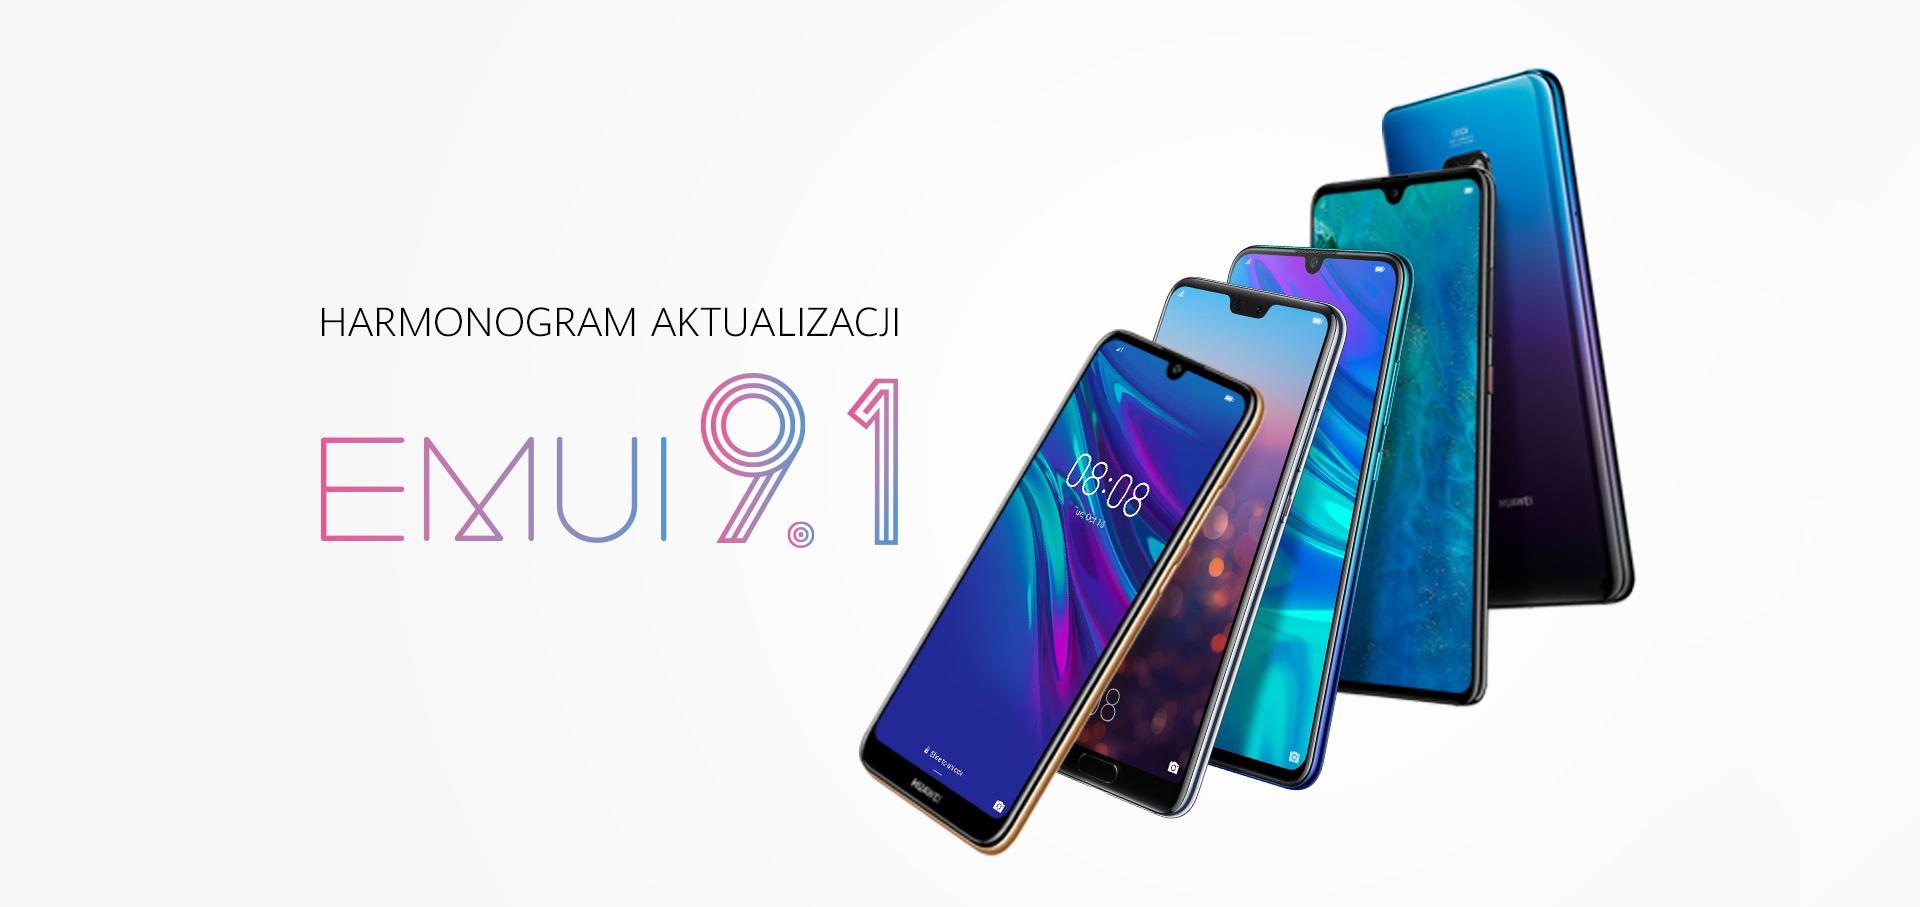 EMUI 9.1 kiedy aktualizacja w Polsce dla Huawei Mate 20 Pro P20 Pro P Smart Z nova 3 harmonogram aktualizacji